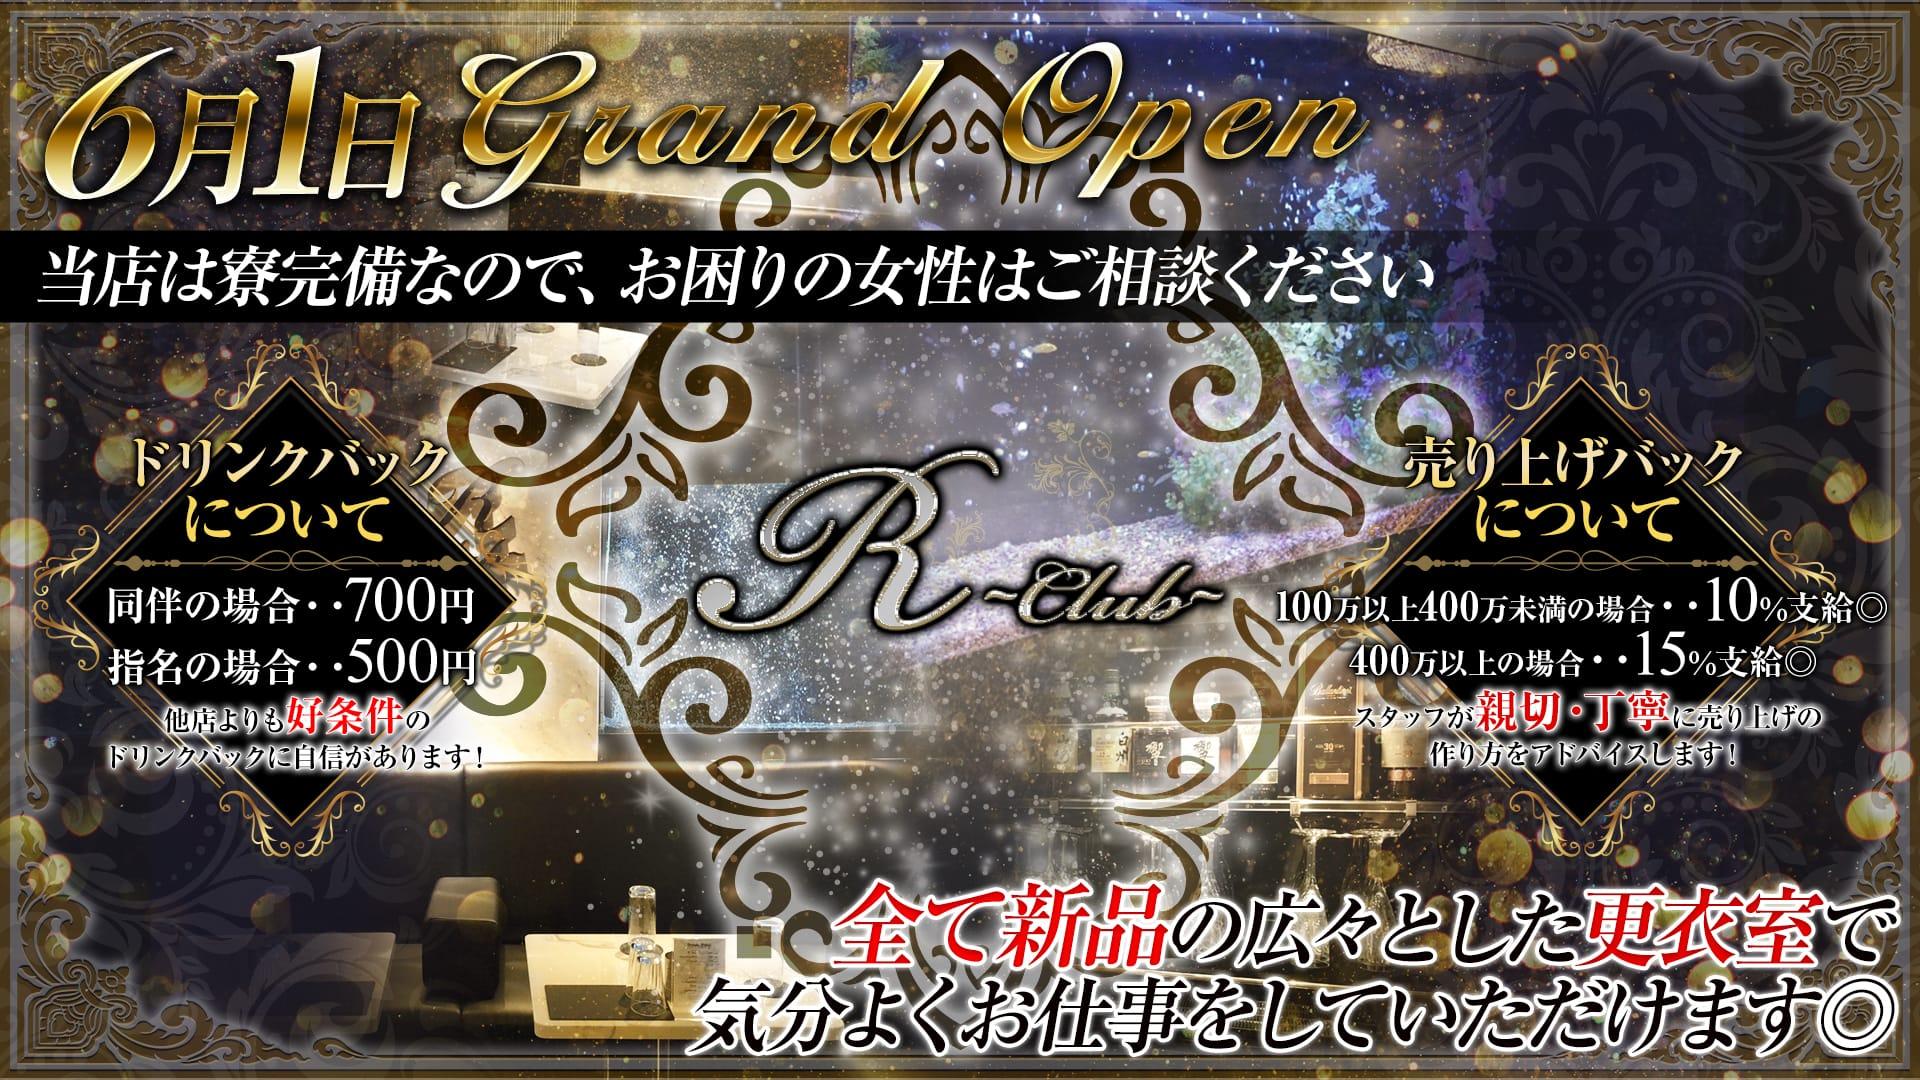 R club(アールクラブ) 上野キャバクラ TOP画像